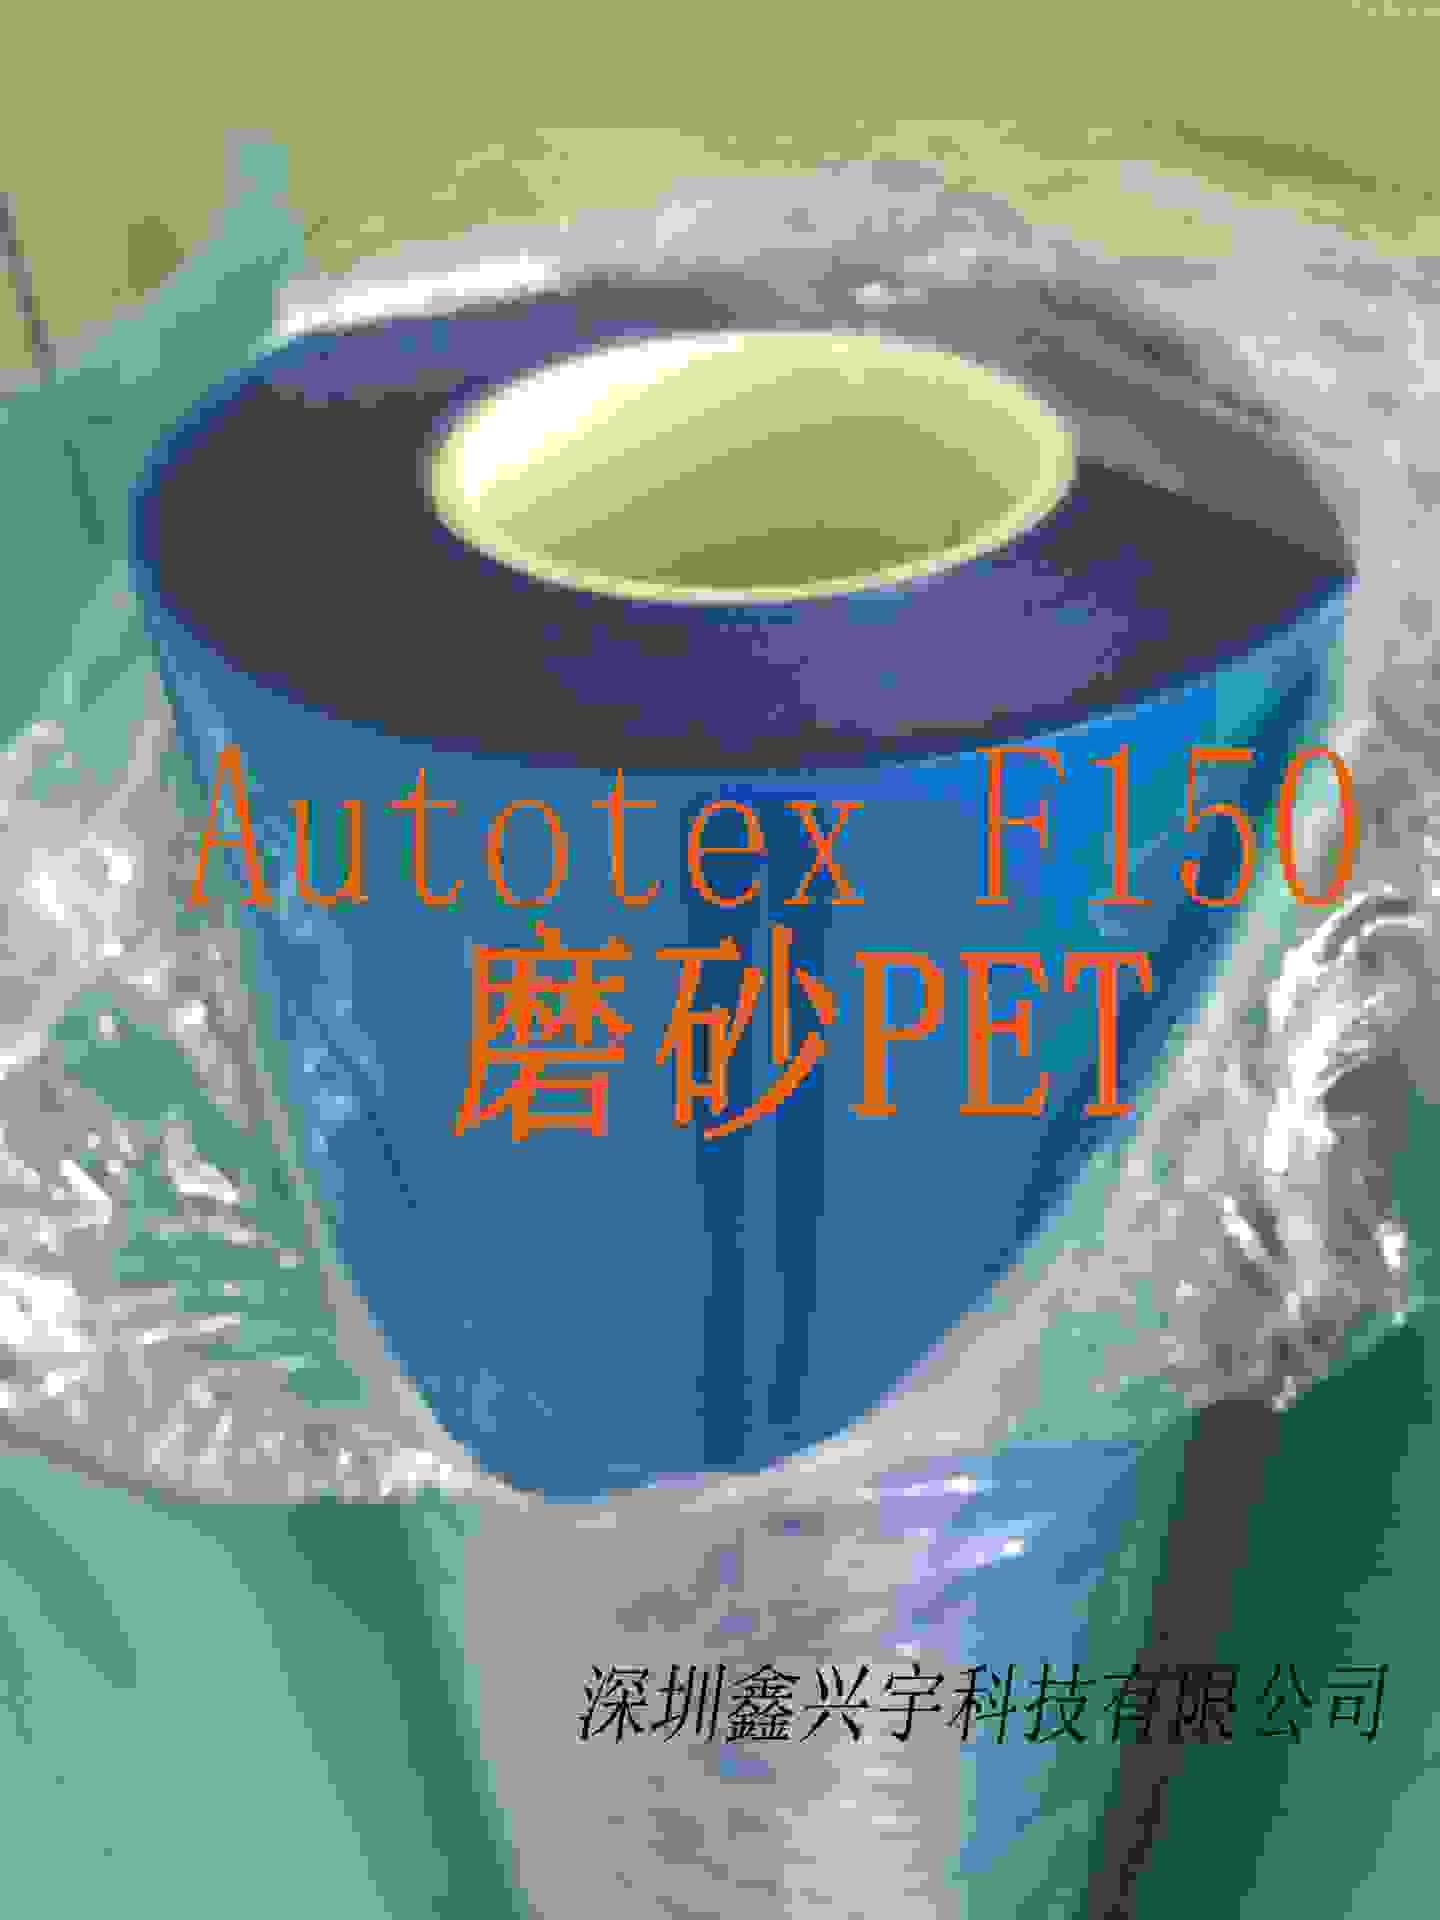 现货供应柯图泰F150 细磨砂PET 用于薄膜开关 面板 太阳能层压板